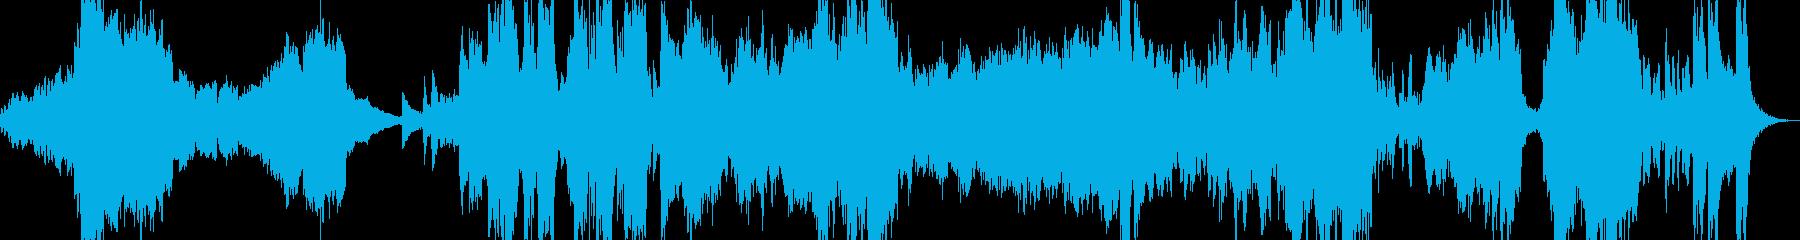 オーケストラオープニング曲の再生済みの波形